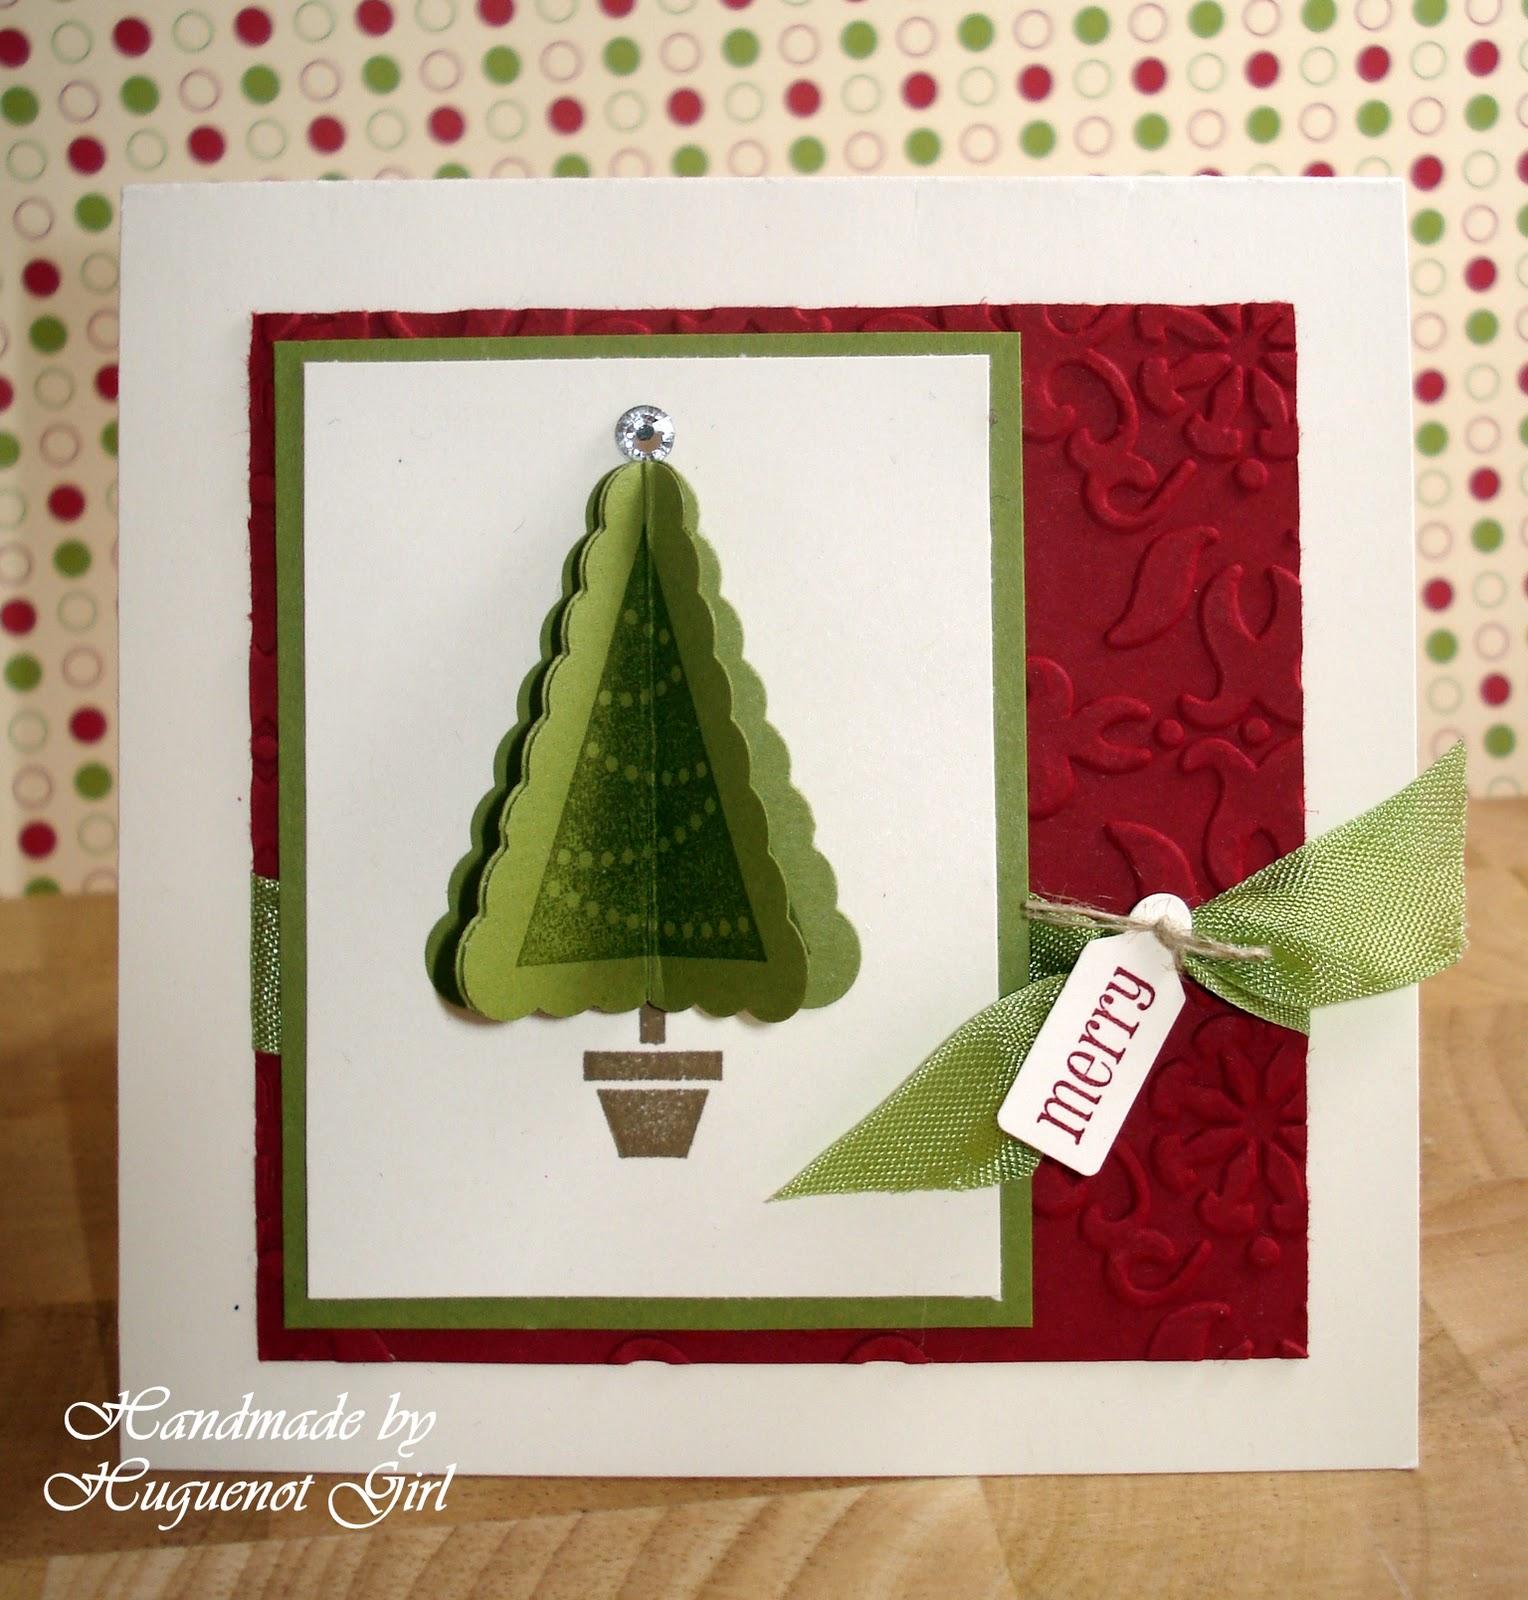 http://3.bp.blogspot.com/-pJroONNL5yw/Tr8Ww5A0oGI/AAAAAAAAAcQ/z3HKHCgF40k/s1600/Pennant+Parade+3D+Xmas+Tree+Card.jpg